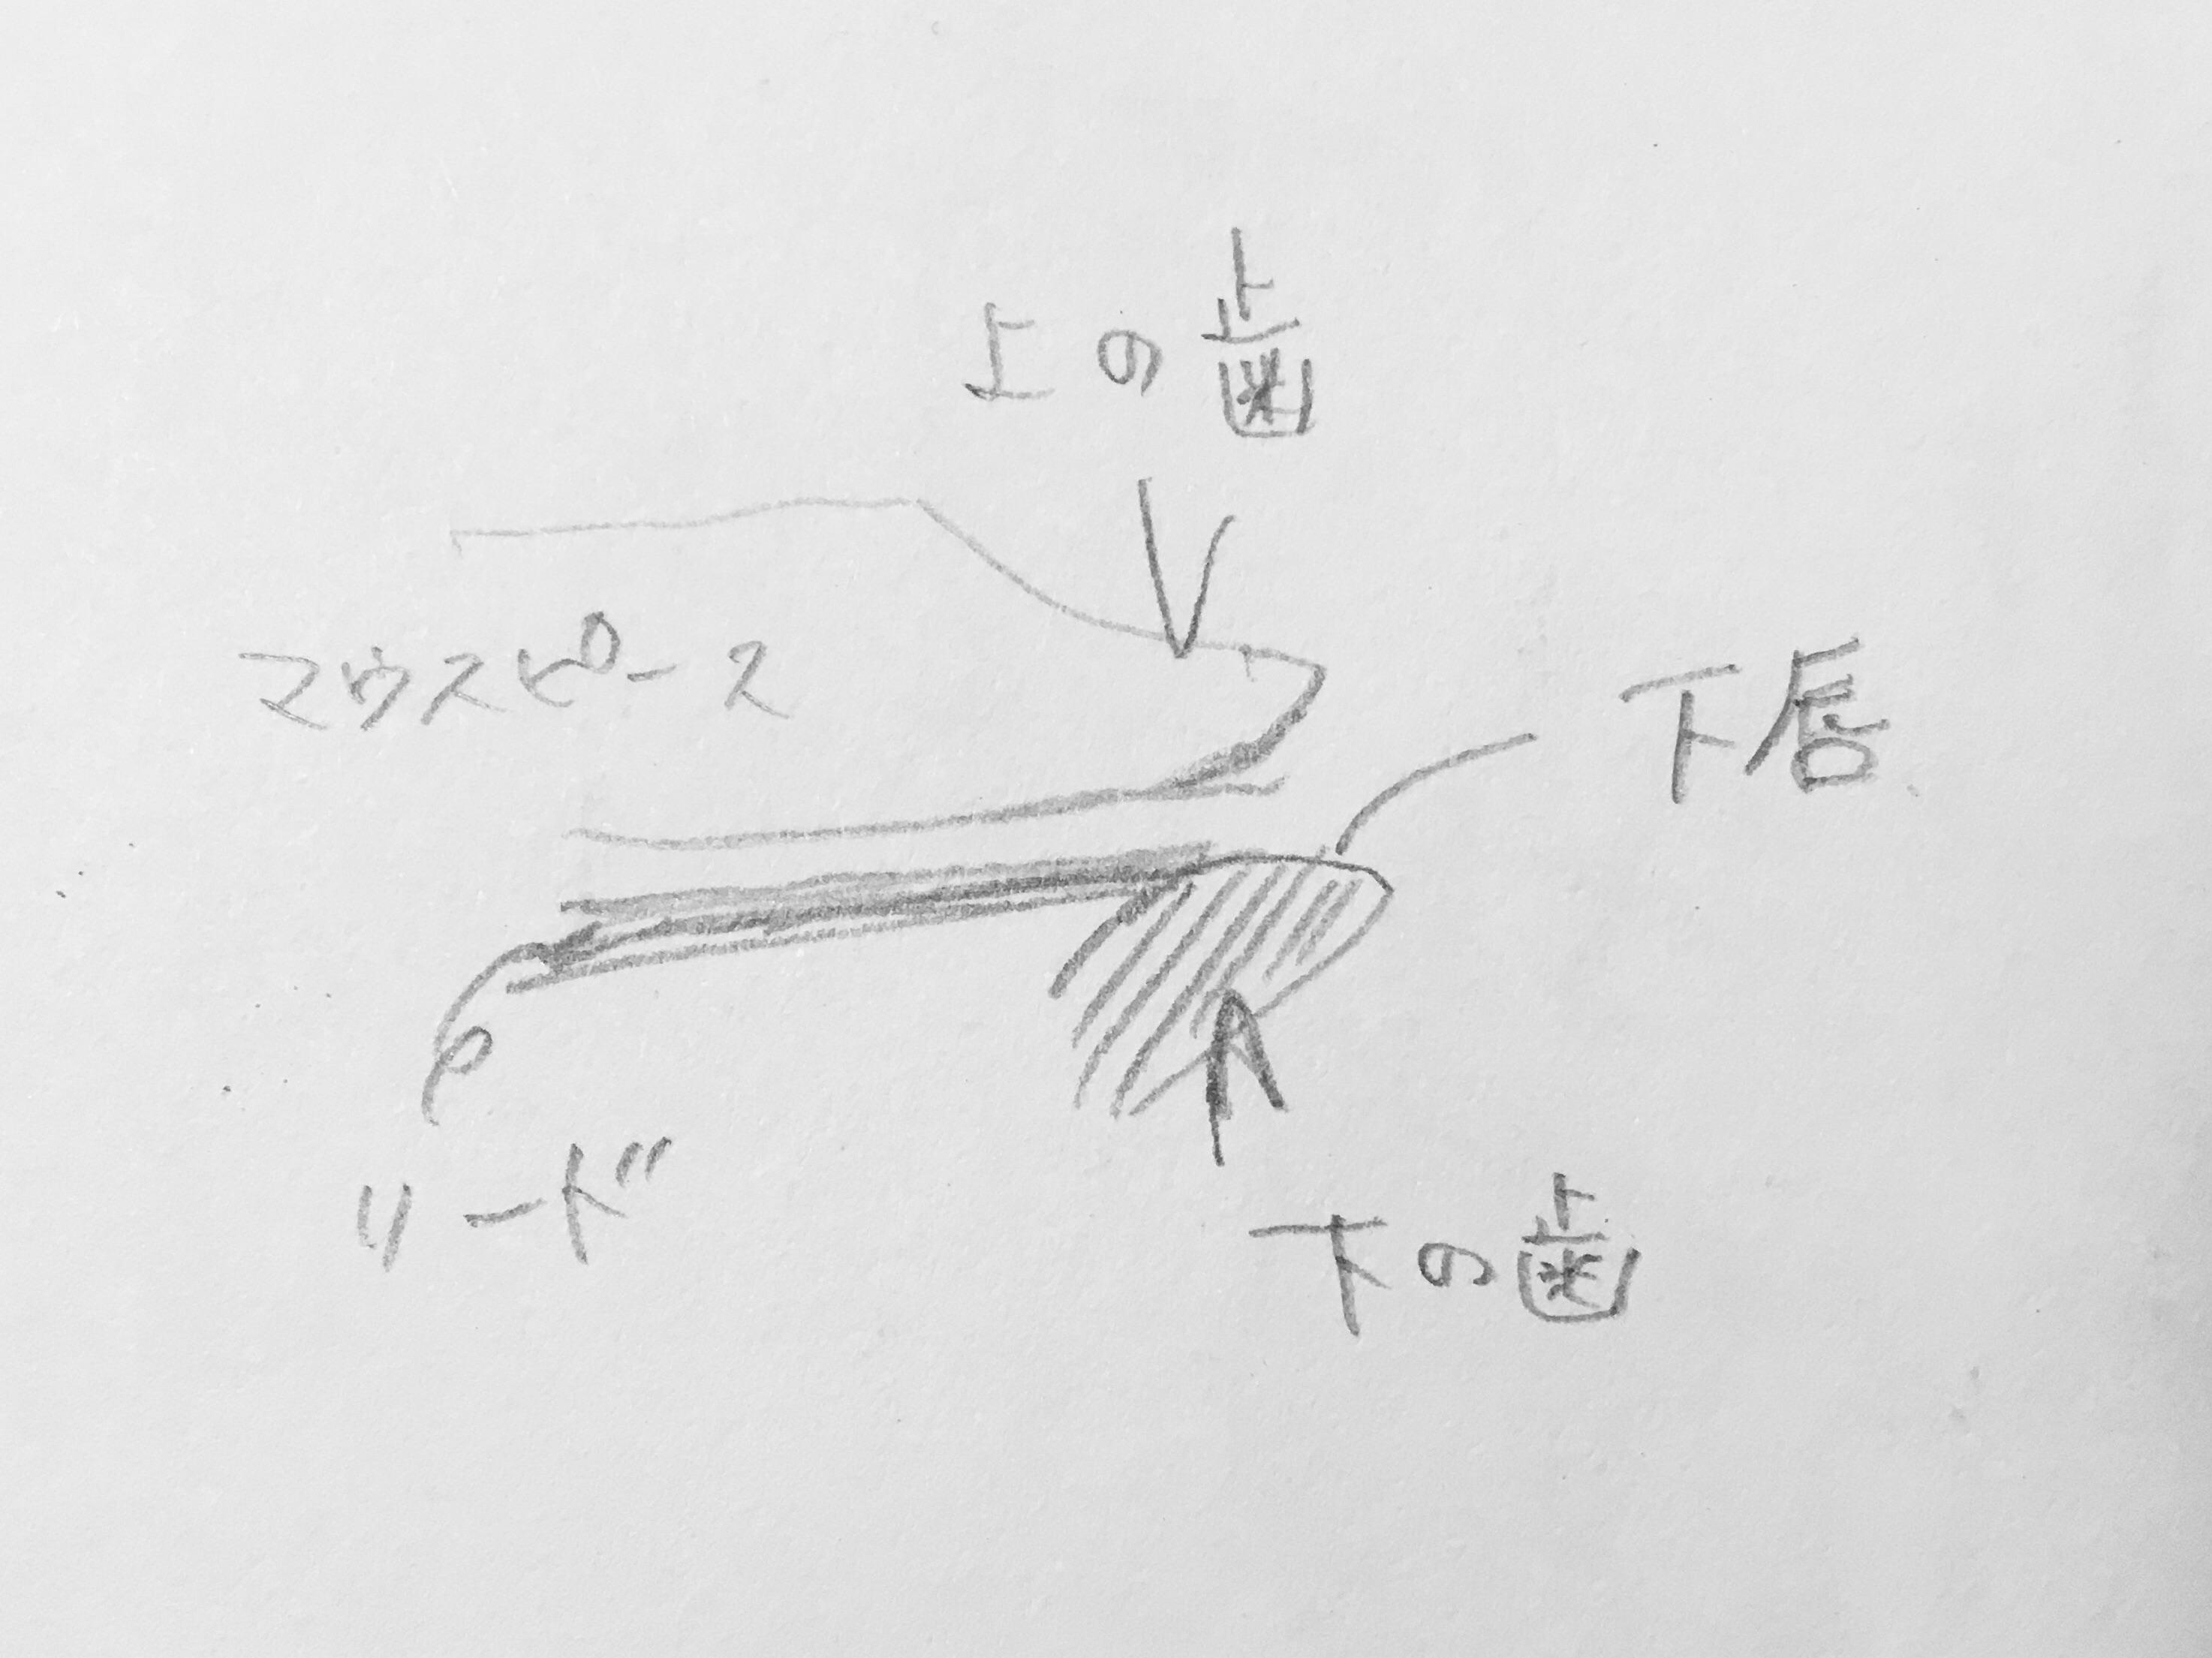 f:id:kaminashiko:20180714091622j:plain